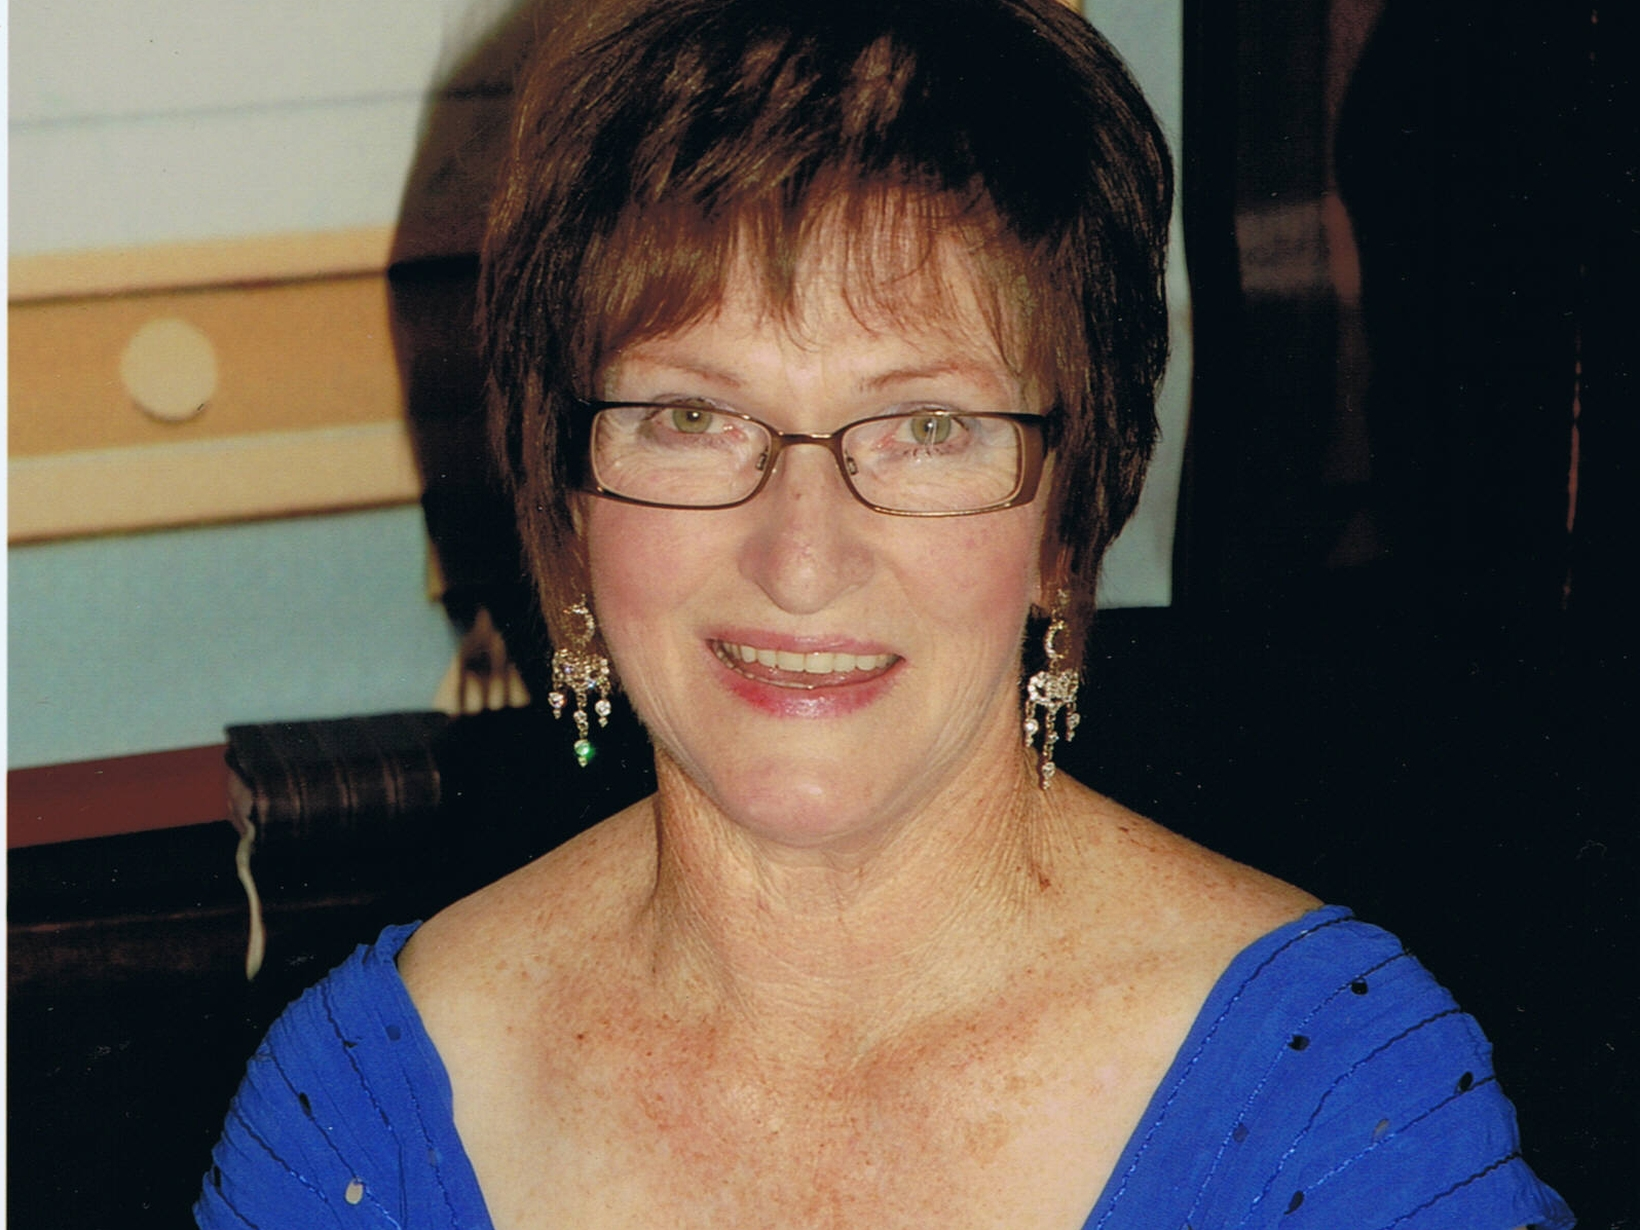 Diane from Timaru, New Zealand